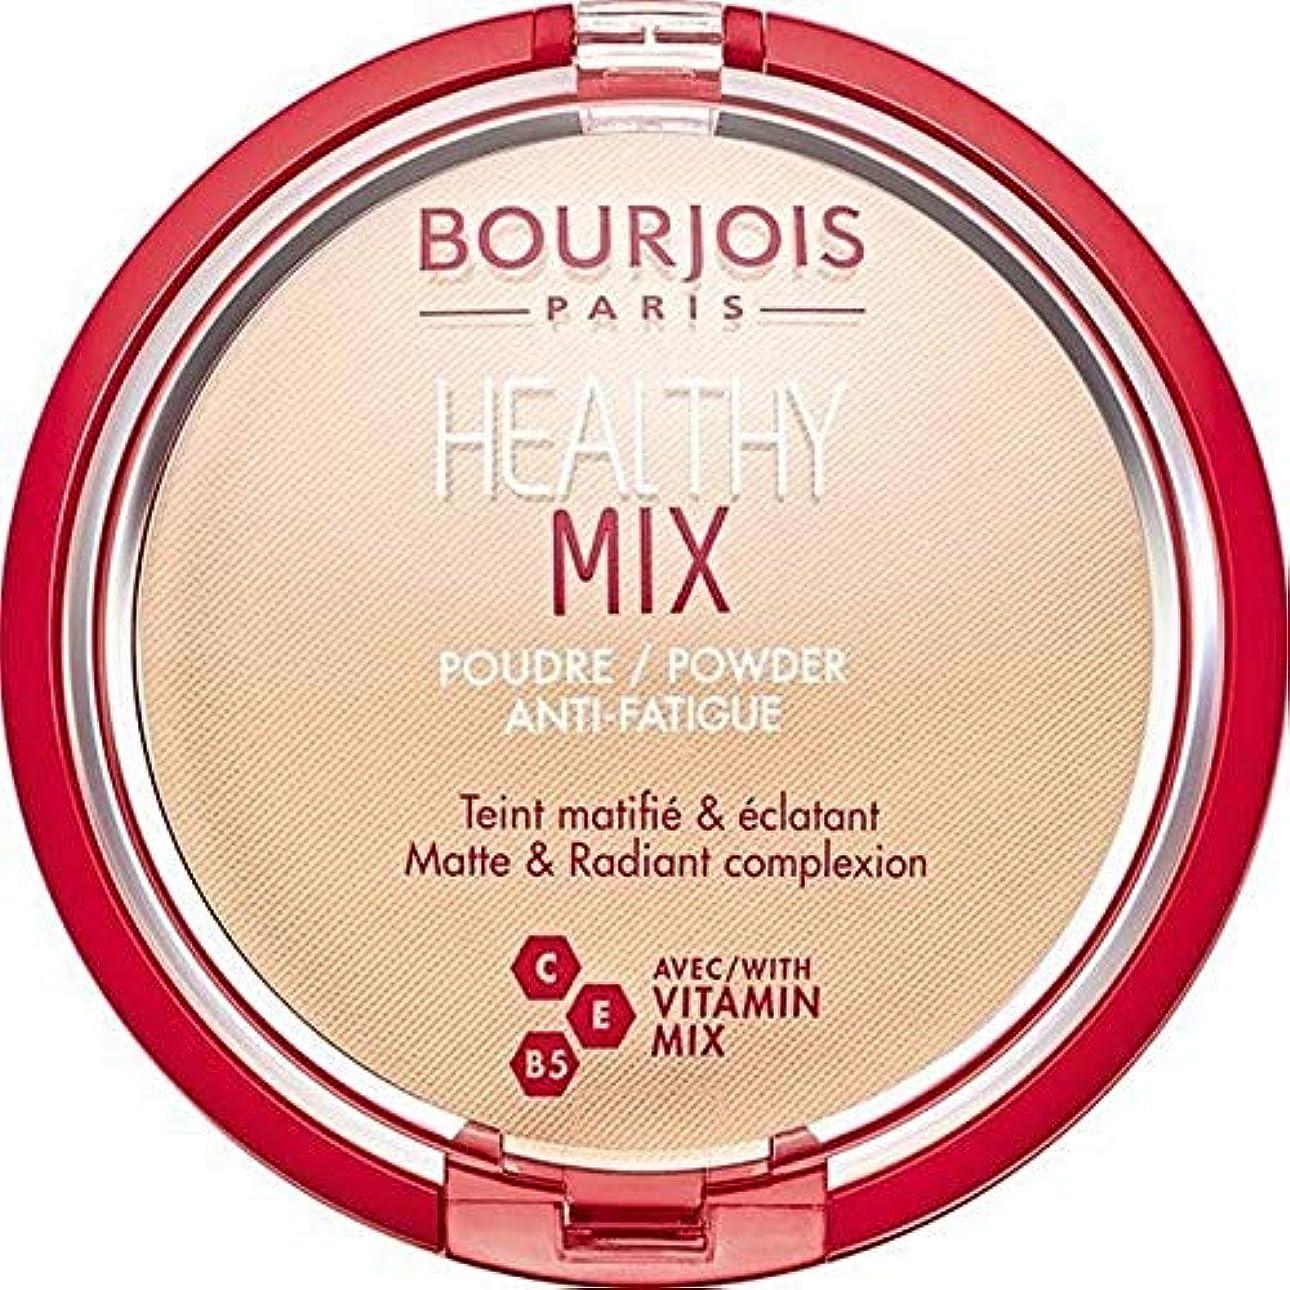 シェードハグたぶん[Bourjois ] ブルジョワヘルシーミックス粉1を押します - Bourjois Healthy Mix Pressed Powder 1 [並行輸入品]